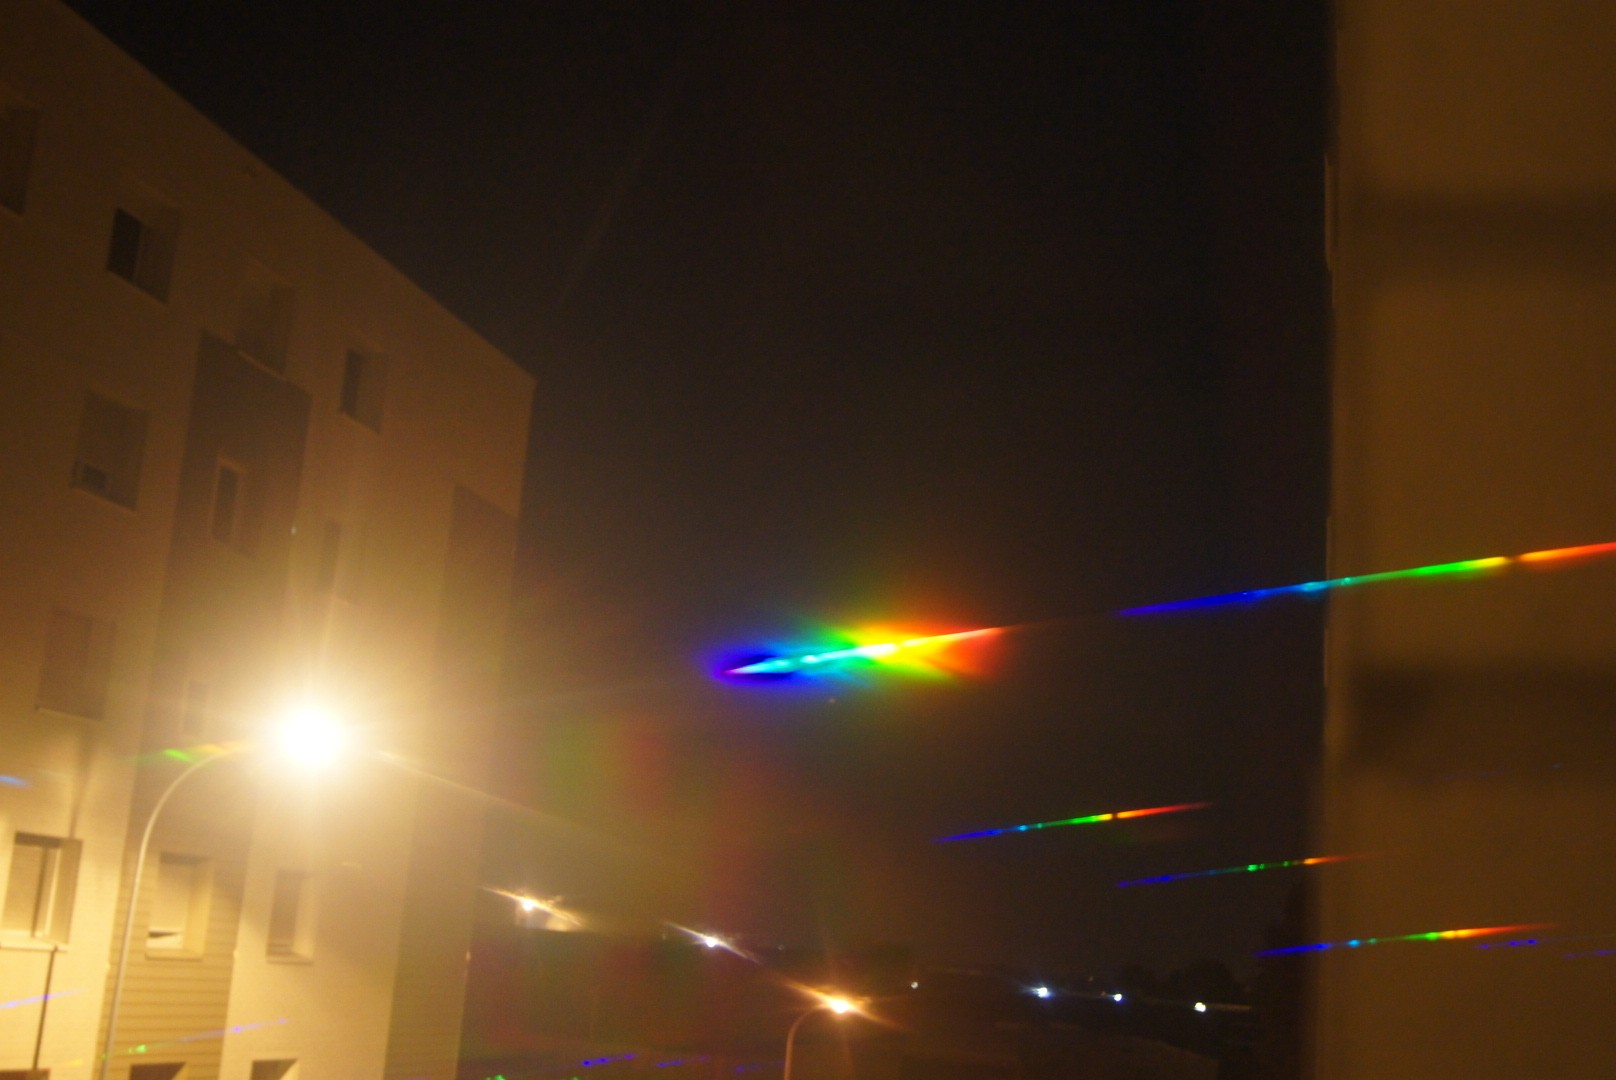 2012: le 01/09 à 21h40 - Lumière étrange dans le ciel  - dunkerque (59)  Dsc04912